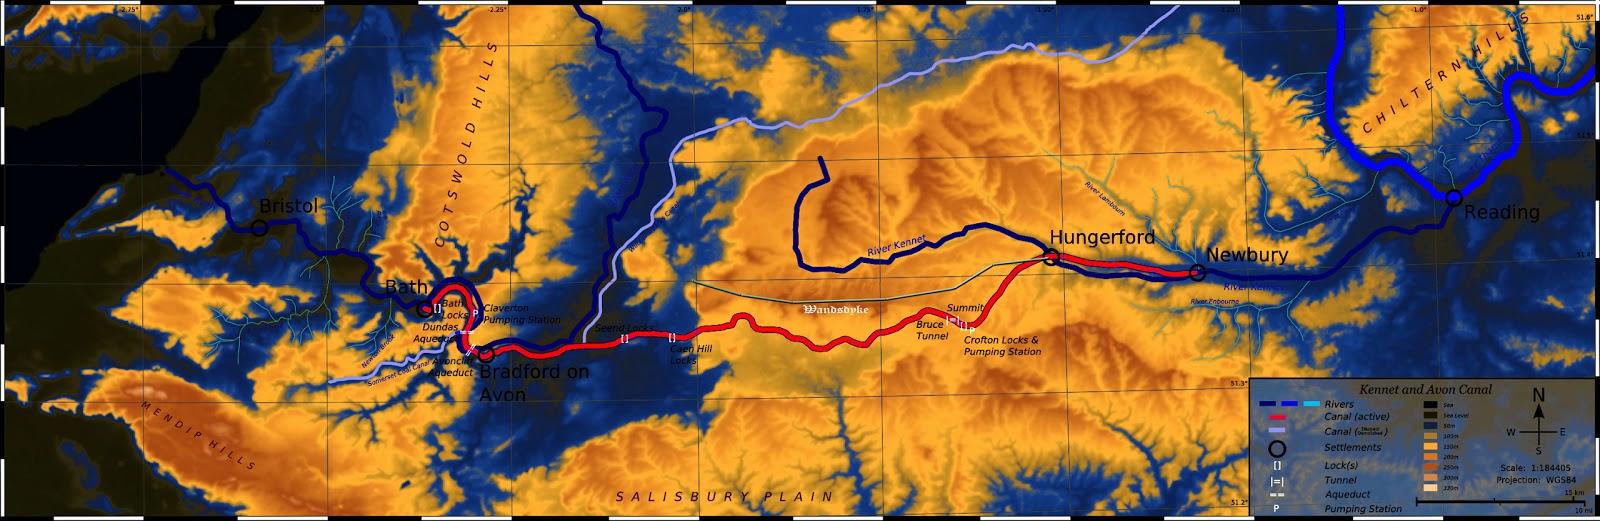 Ancient Wansdyke Map